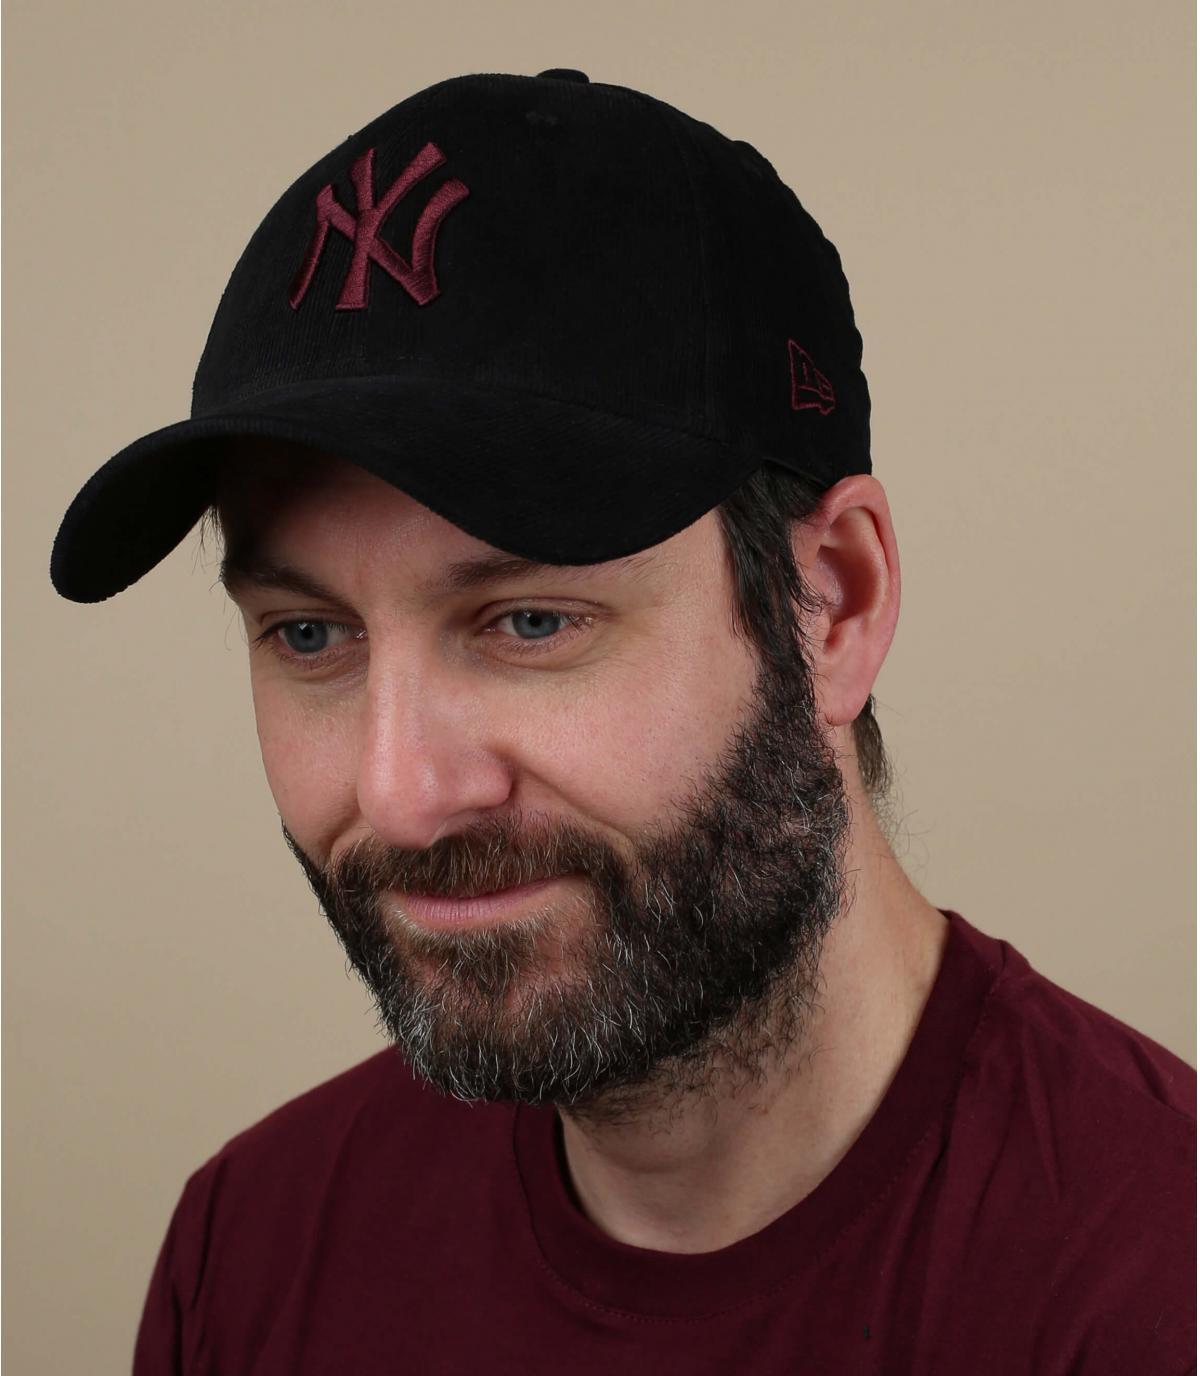 casquette NY velours noir bordeaux